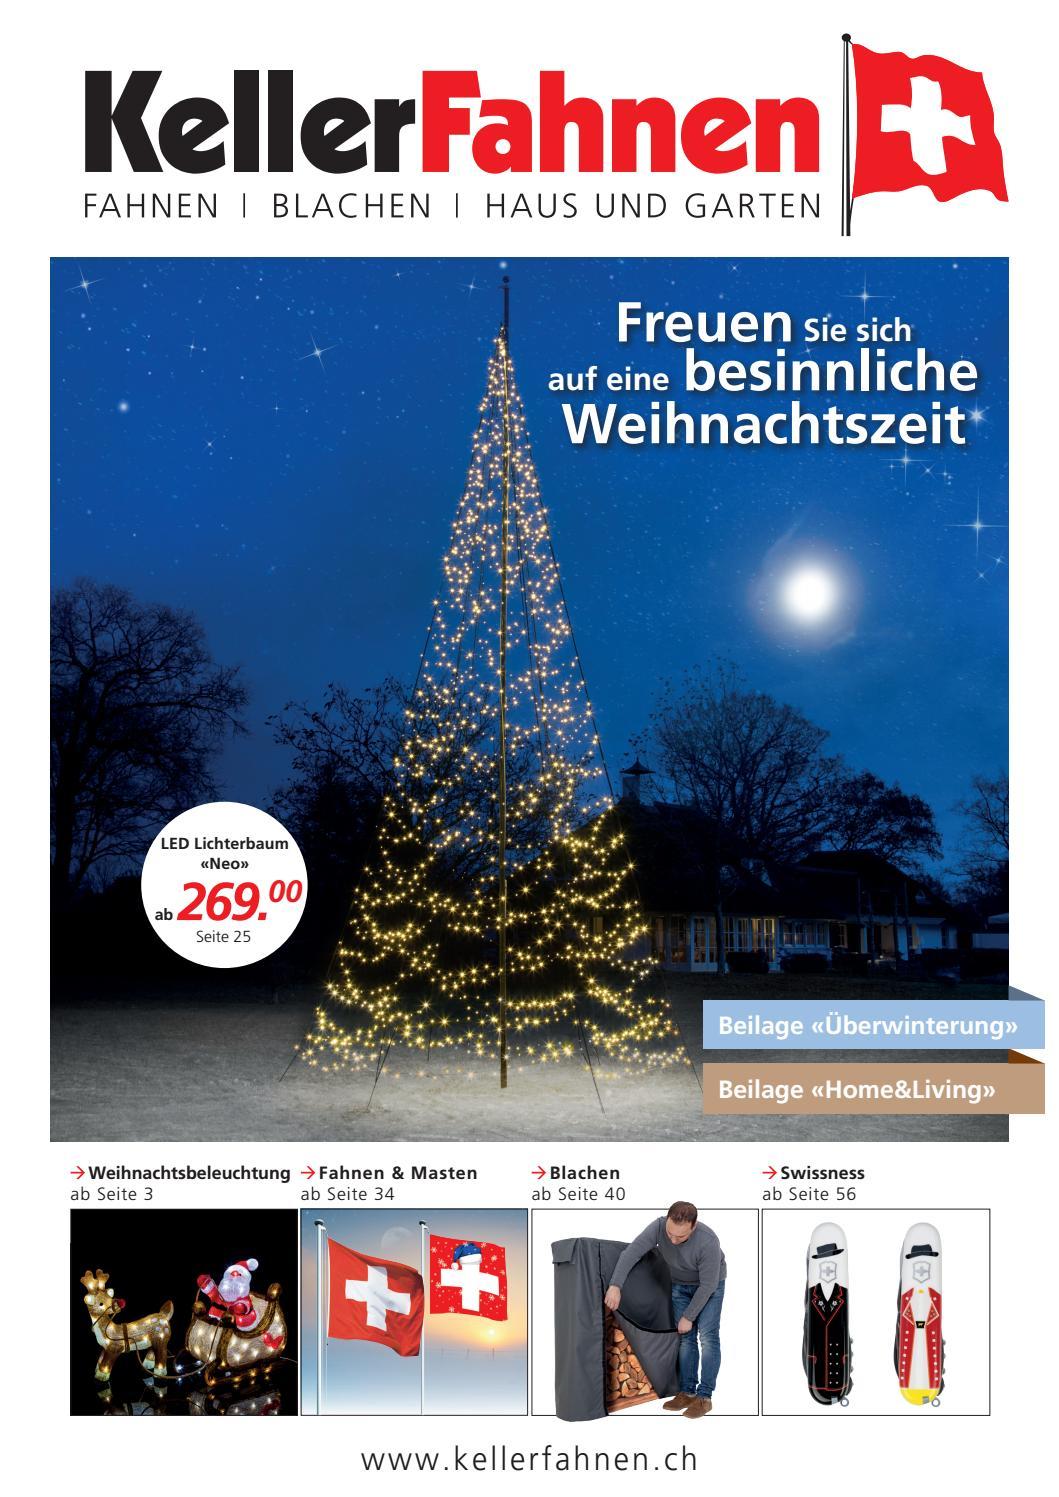 Ab Wann Weihnachtsbeleuchtung.Blätterkatalog 11 2018 Deutsch By Keller Fahnen Ag Issuu